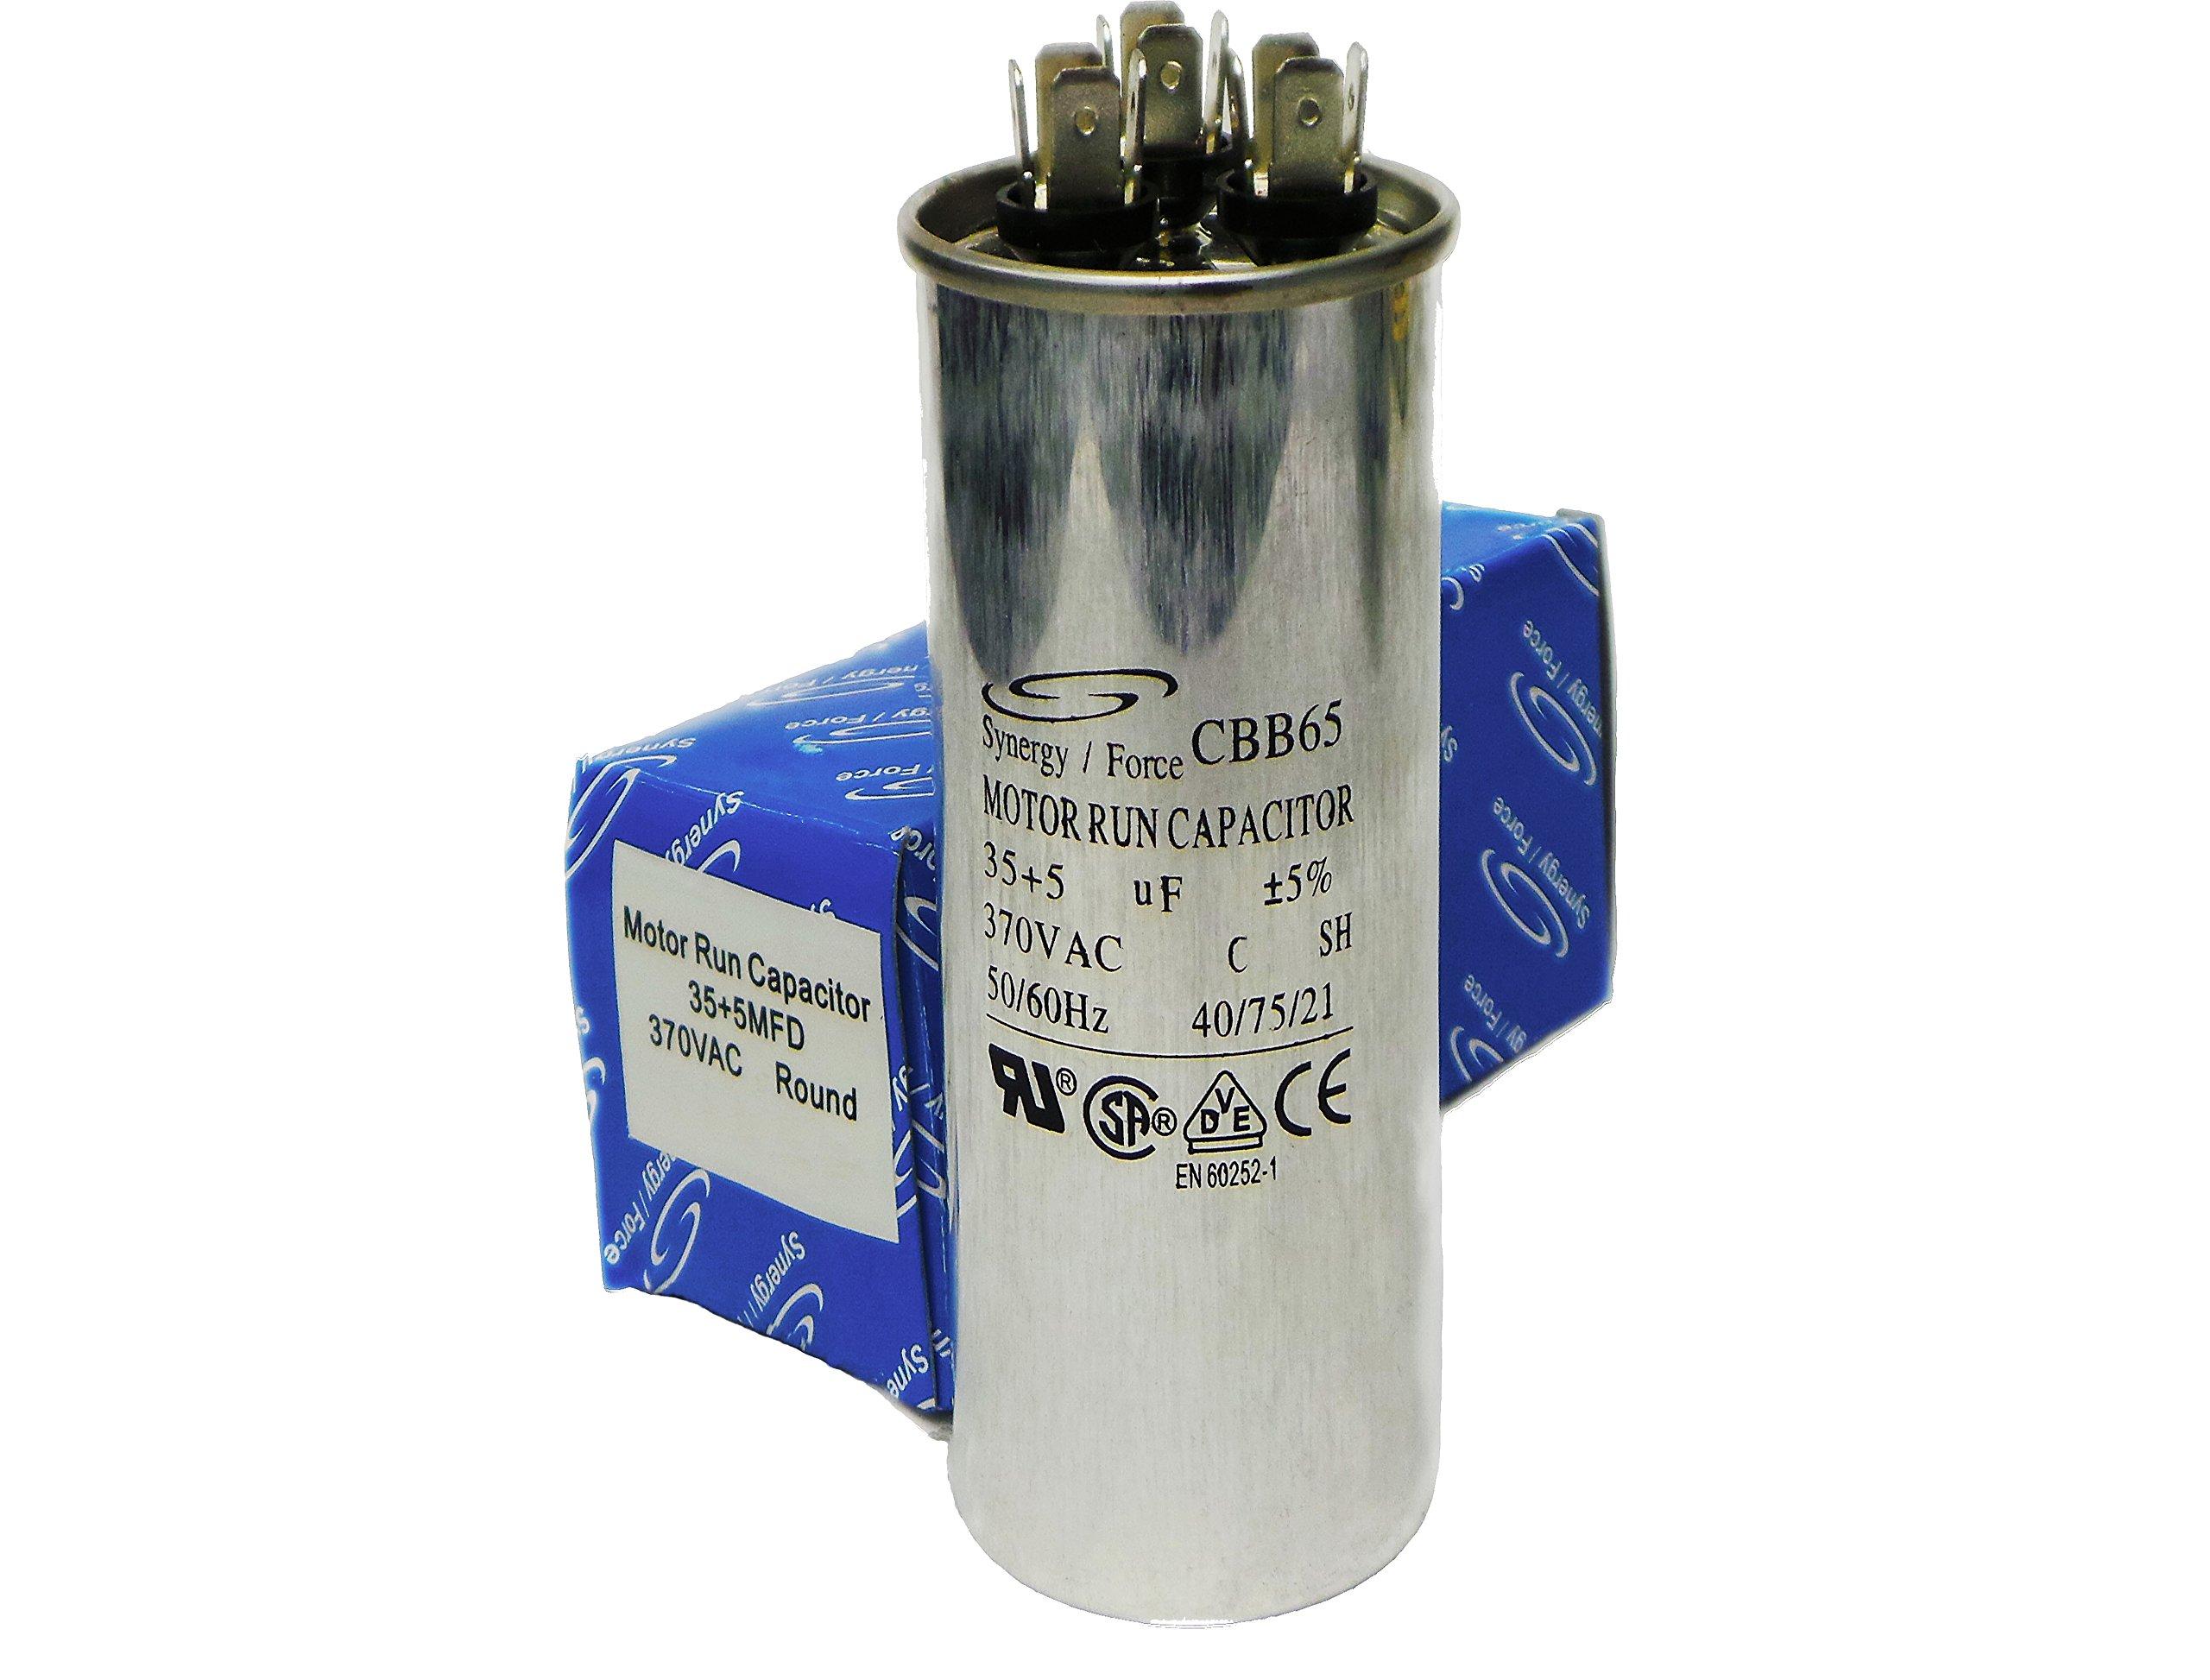 Cheap Cbb65 Capacitor 30 5uf, find Cbb65 Capacitor 30 5uf